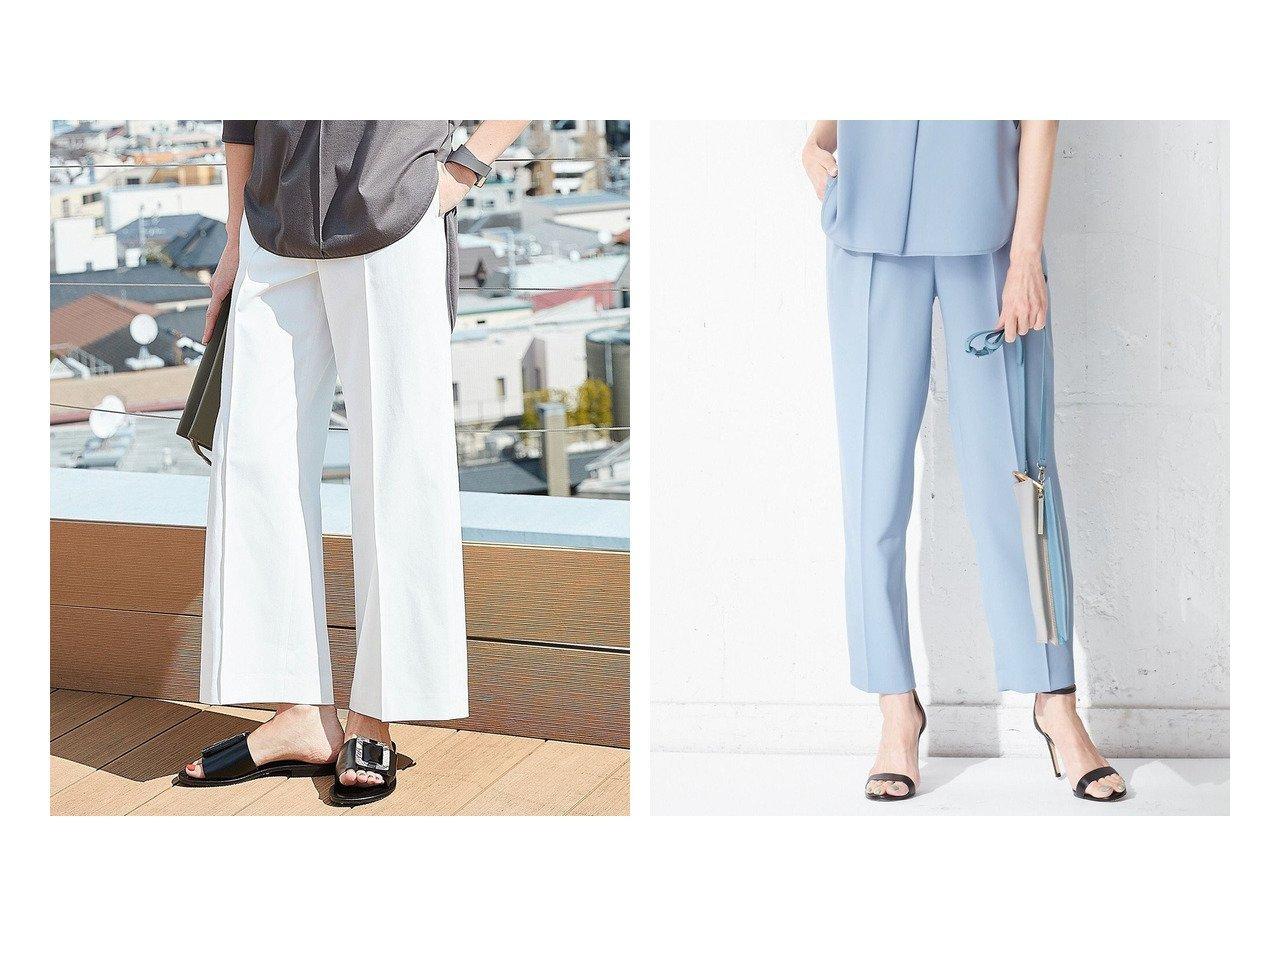 【iCB/アイシービー】の【セットアップ】Soft Back Satin パンツ&【3号~13号あり】PIN ワイドパンツ 【パンツ】おすすめ!人気、トレンド・レディースファッションの通販 おすすめで人気の流行・トレンド、ファッションの通販商品 インテリア・家具・メンズファッション・キッズファッション・レディースファッション・服の通販 founy(ファニー) https://founy.com/ ファッション Fashion レディースファッション WOMEN セットアップ Setup パンツ Pants パンツ Pants ジャケット セットアップ センター 送料無料 Free Shipping おすすめ Recommend |ID:crp329100000045927